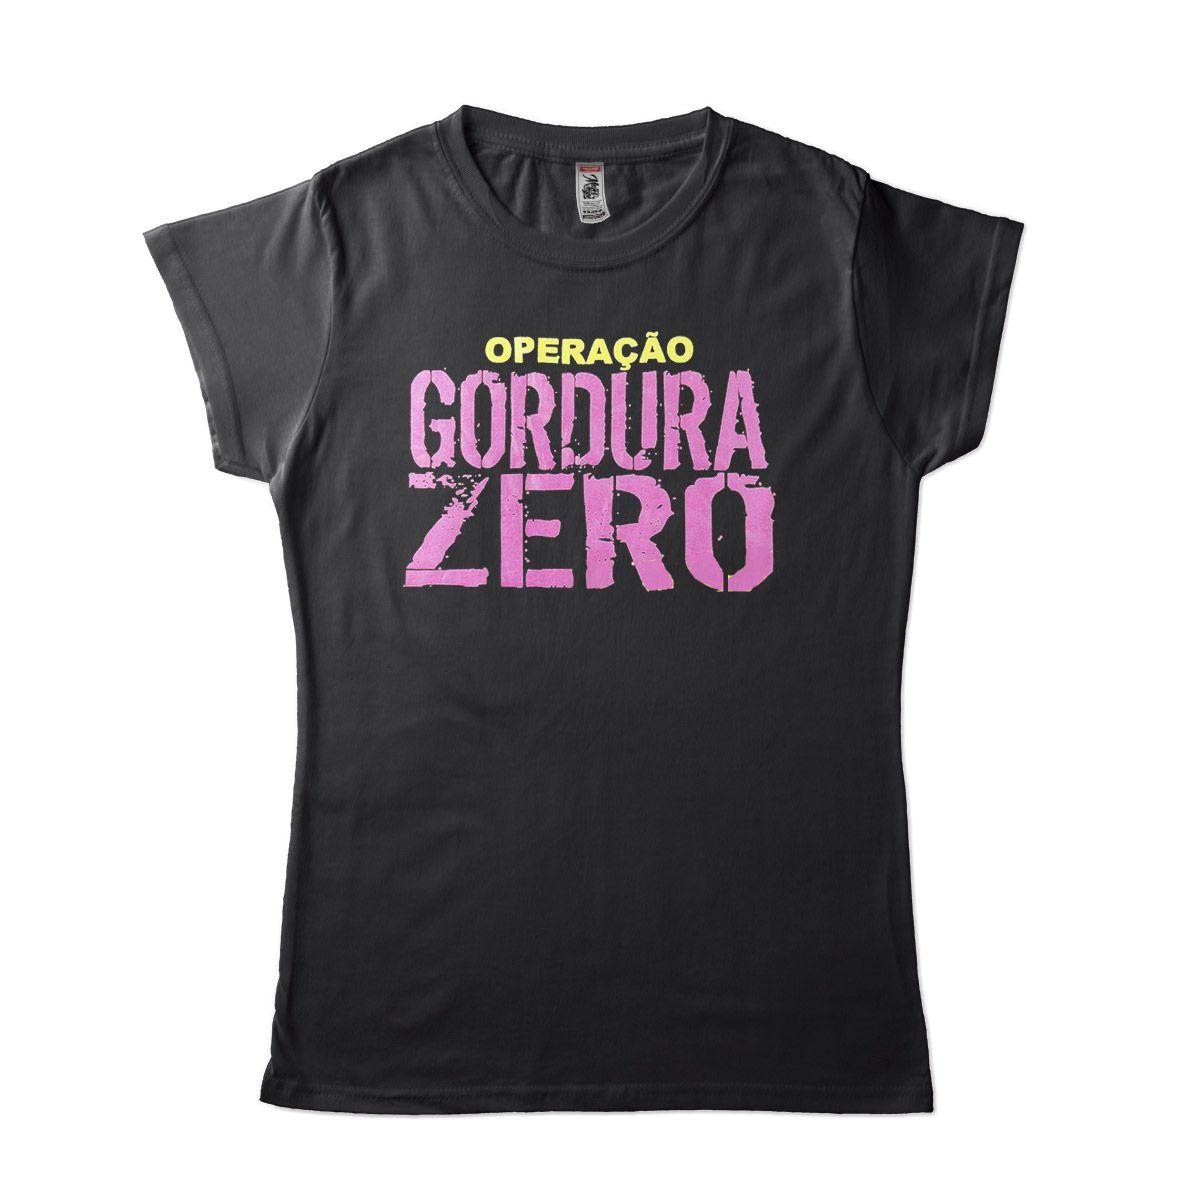 camisetas para academia feminina Operação gordura zero